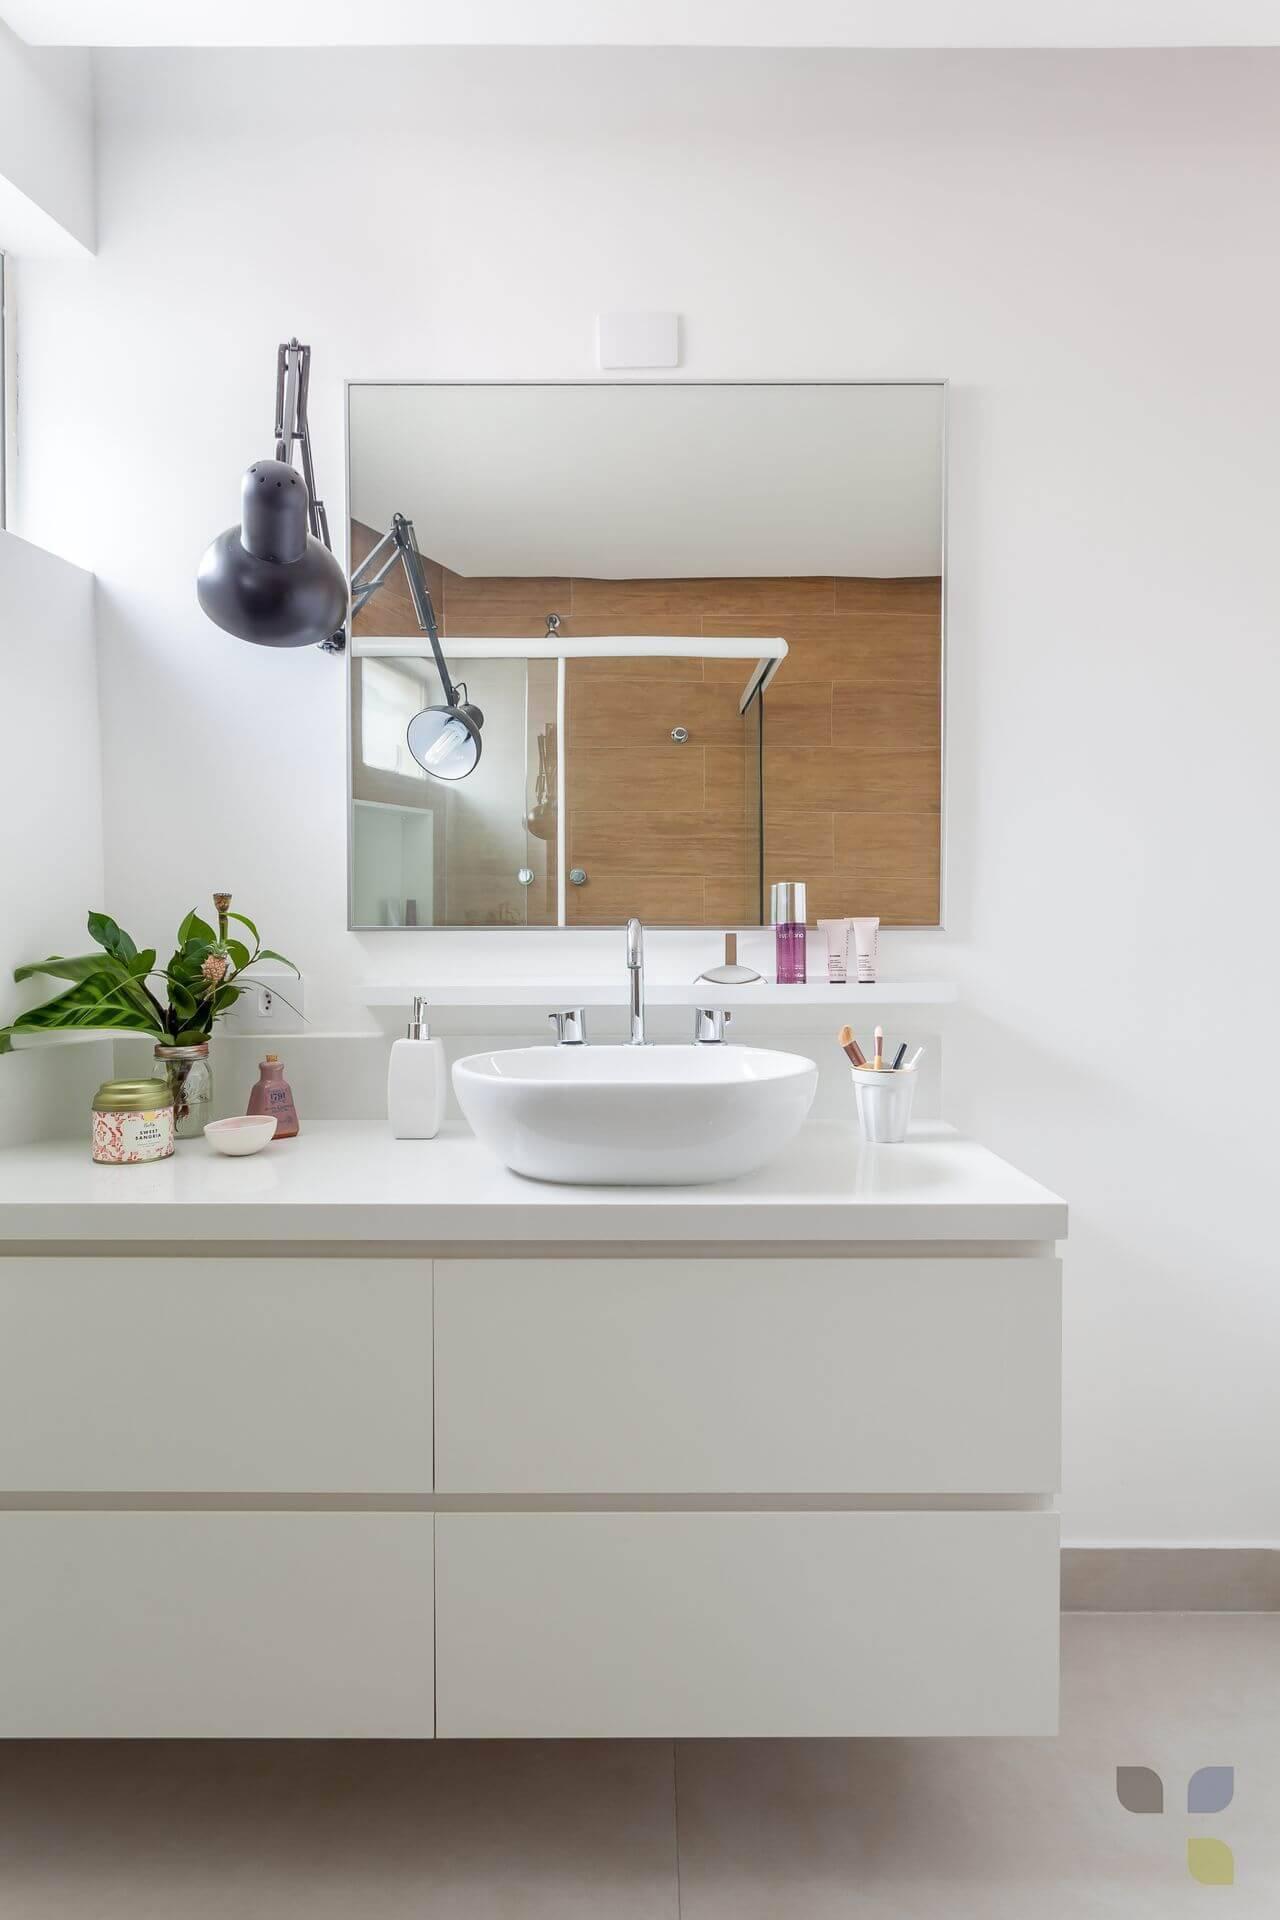 luminarias banheiro com arandela articulada carol tasiro 137792